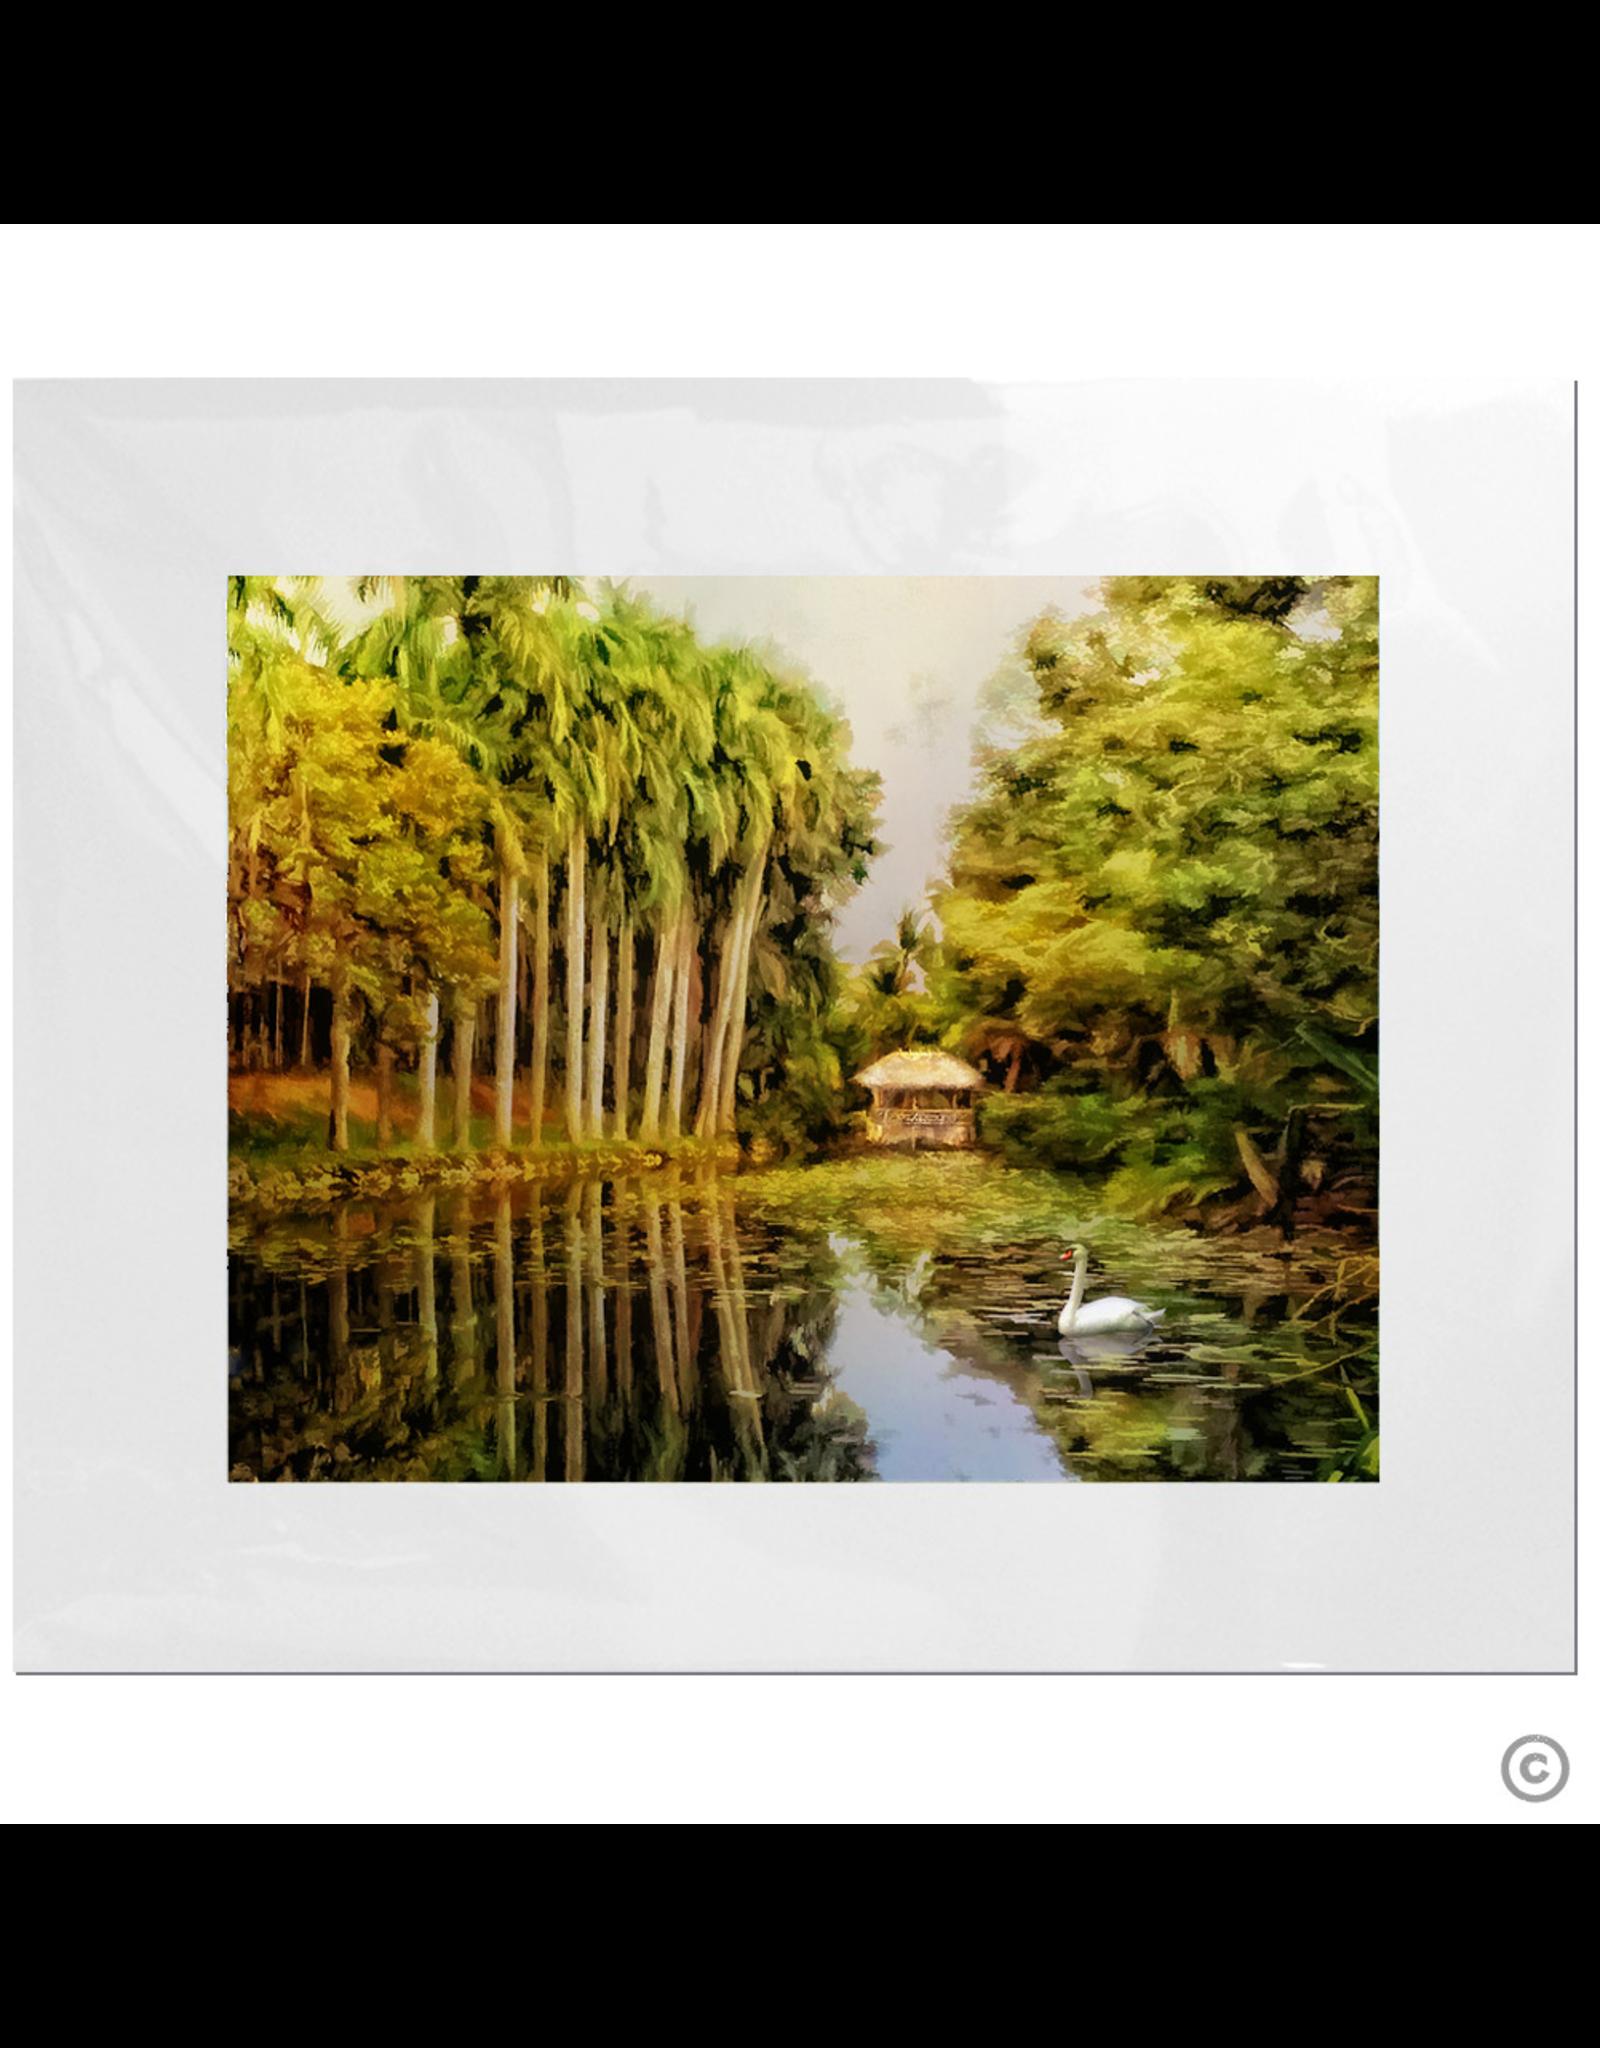 Maureen Terrien Photography Art Print Bonnet House w Swan 11x14 - 8x10 Matted